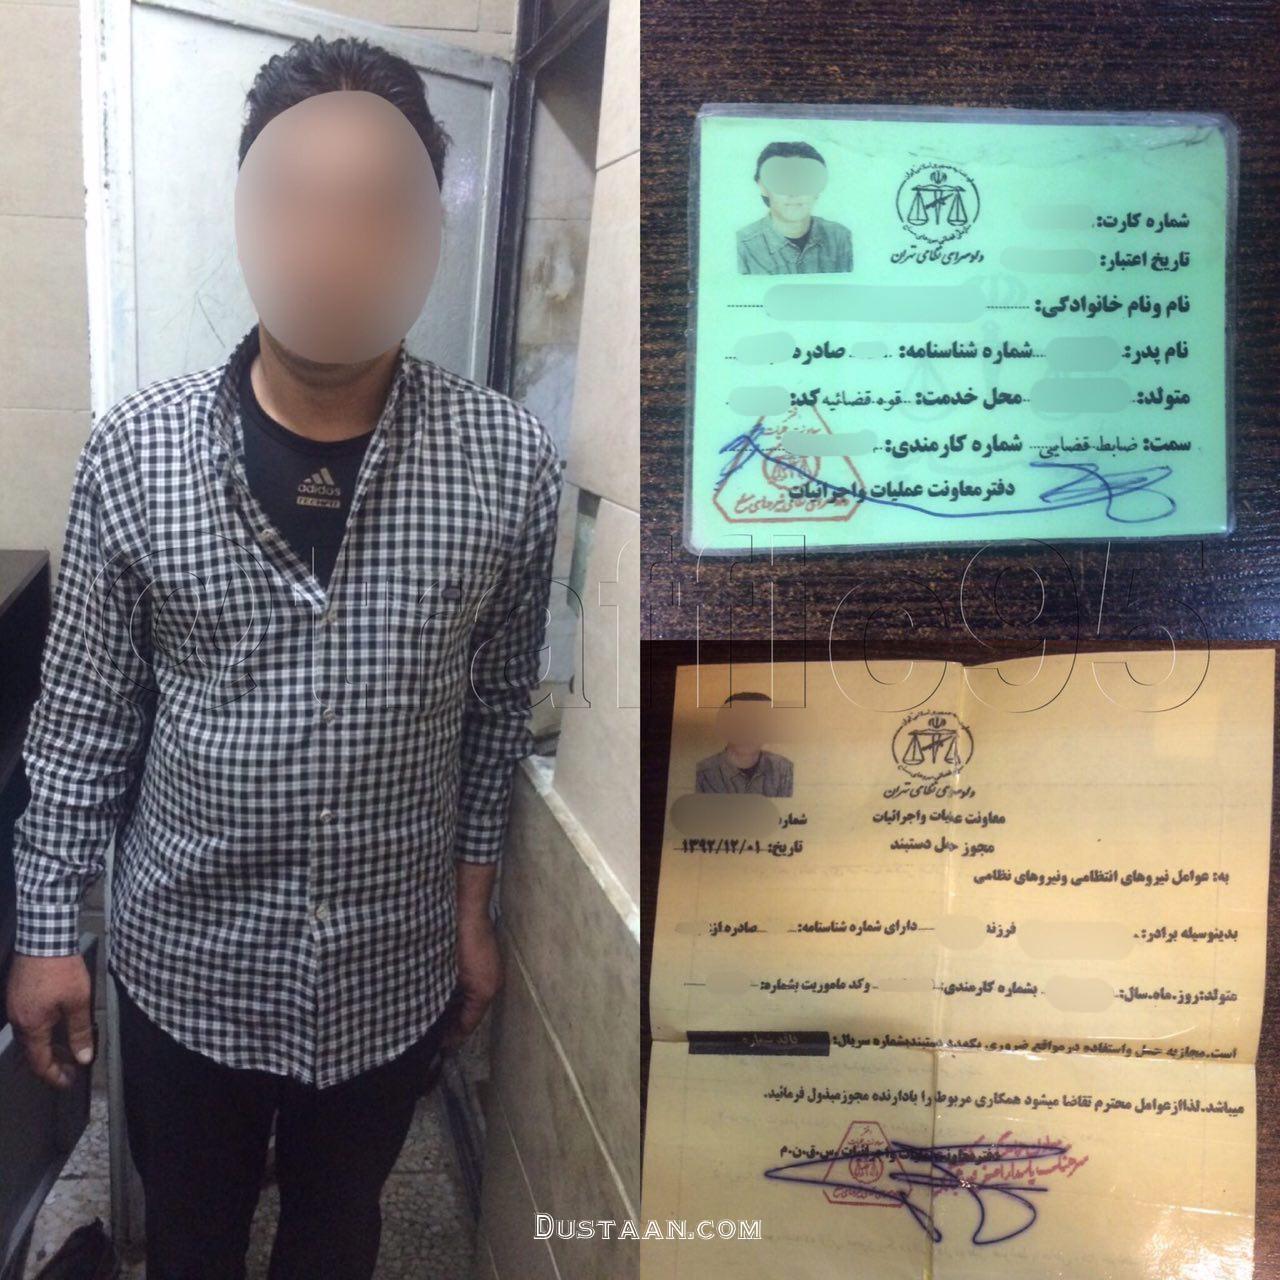 www.dustaan.com دستگیری مامور قلابی دادسرای نظامی! +عکس